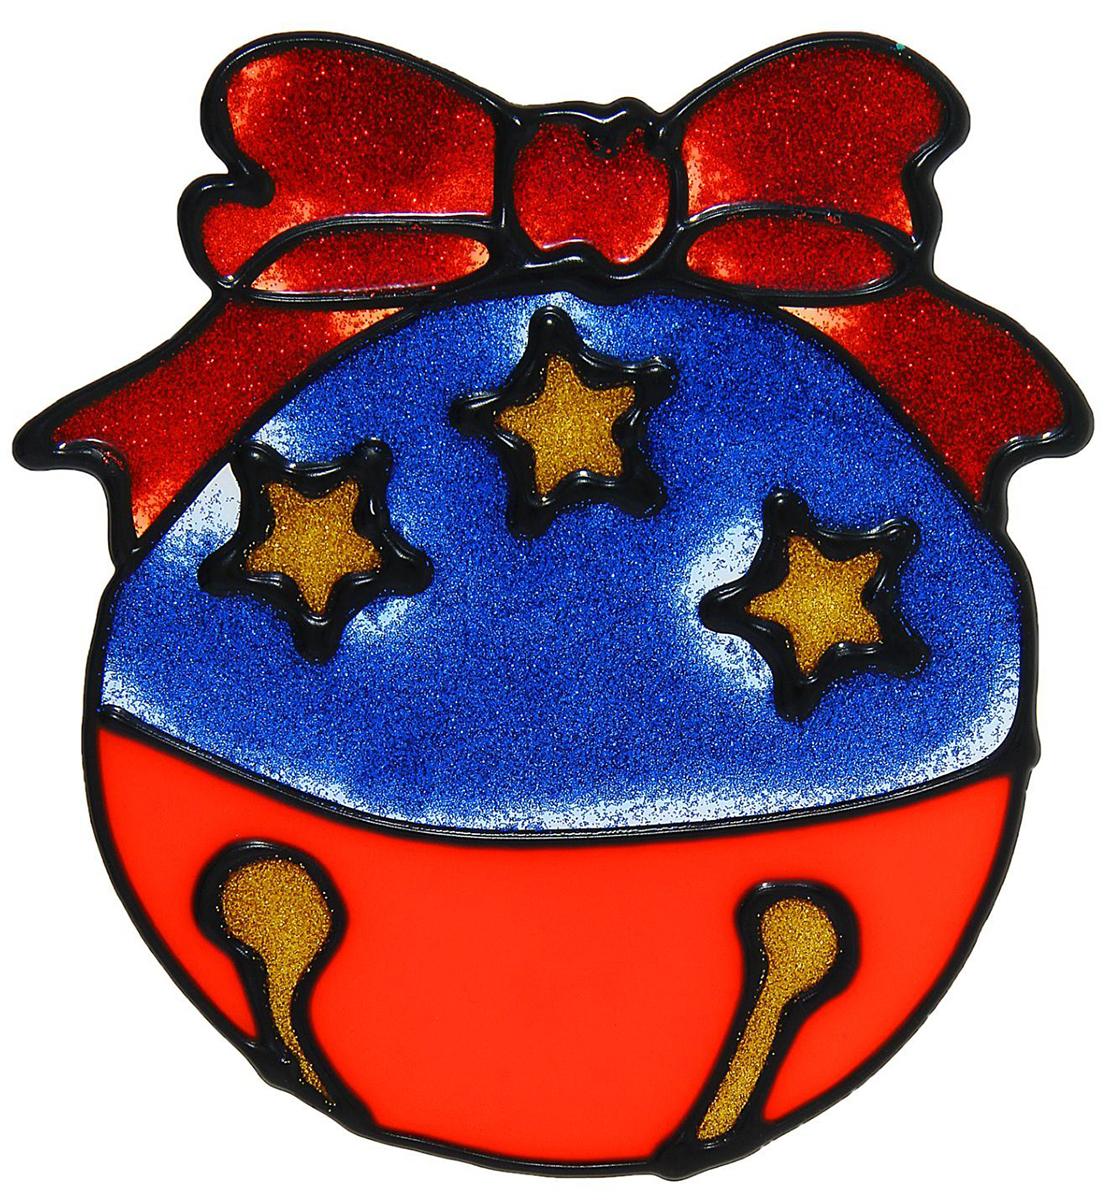 Украшение новогоднее оконное NoName Шарик, 12 х 13 см1113533Новогоднее оконное украшение NoName Шарик поможет украсить дом к предстоящим праздникам. Яркая наклейка крепится к гладкой поверхности стекла посредством статического эффекта. С помощью такого украшения вы сможете оживить интерьер по своему вкусу.Новогодние украшения всегда несут в себе волшебство и красоту праздника. Создайте в своем доме атмосферу тепла, веселья и радости, украшая его всей семьей.